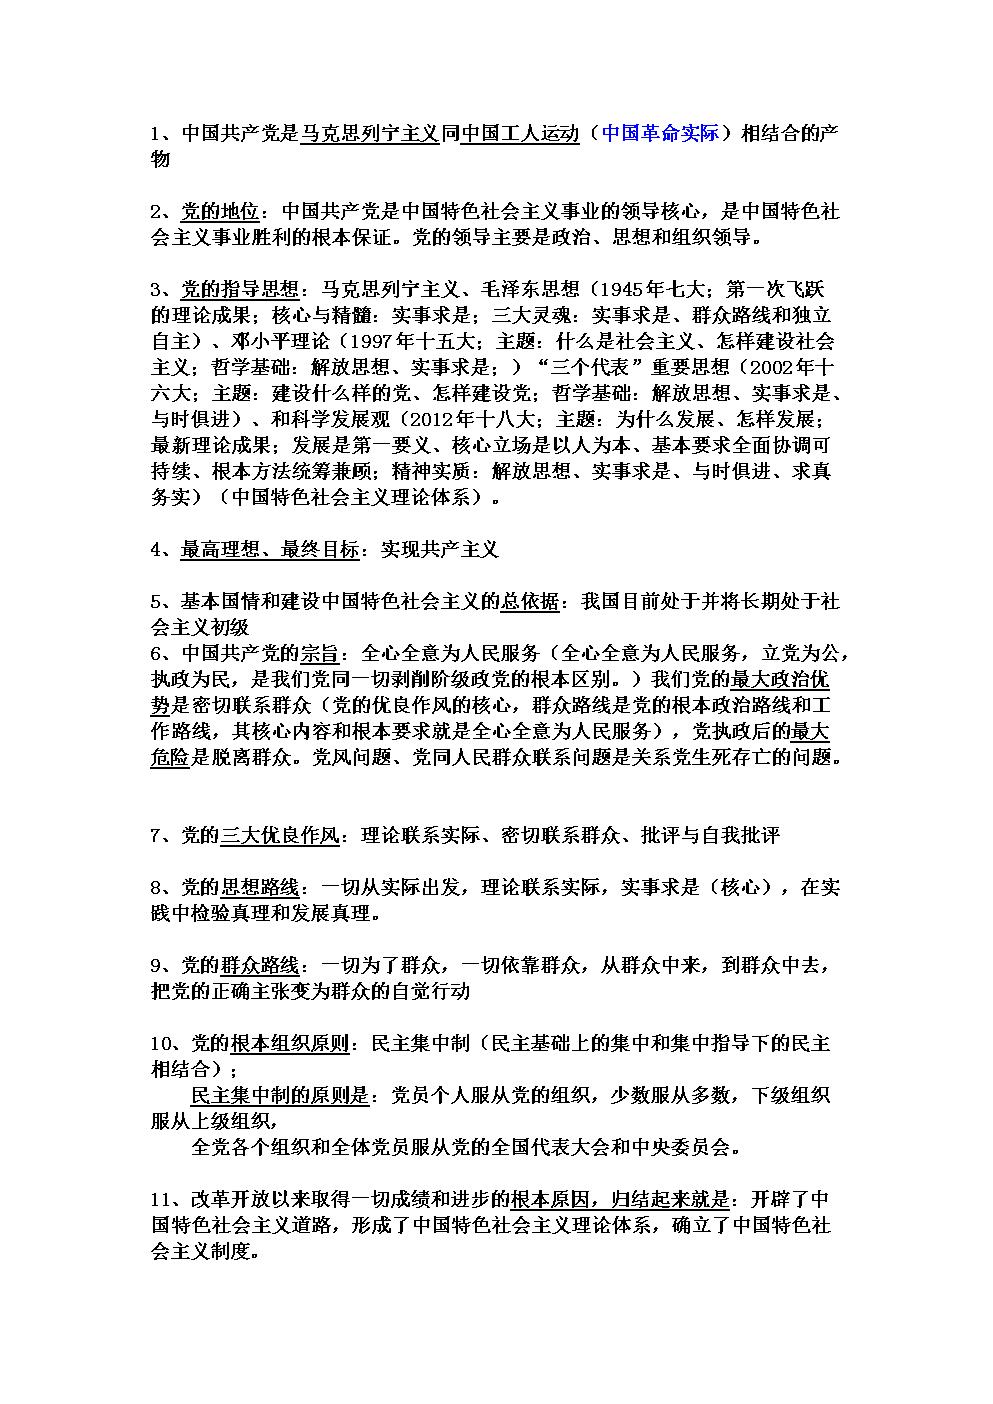 党课辅导材料.doc